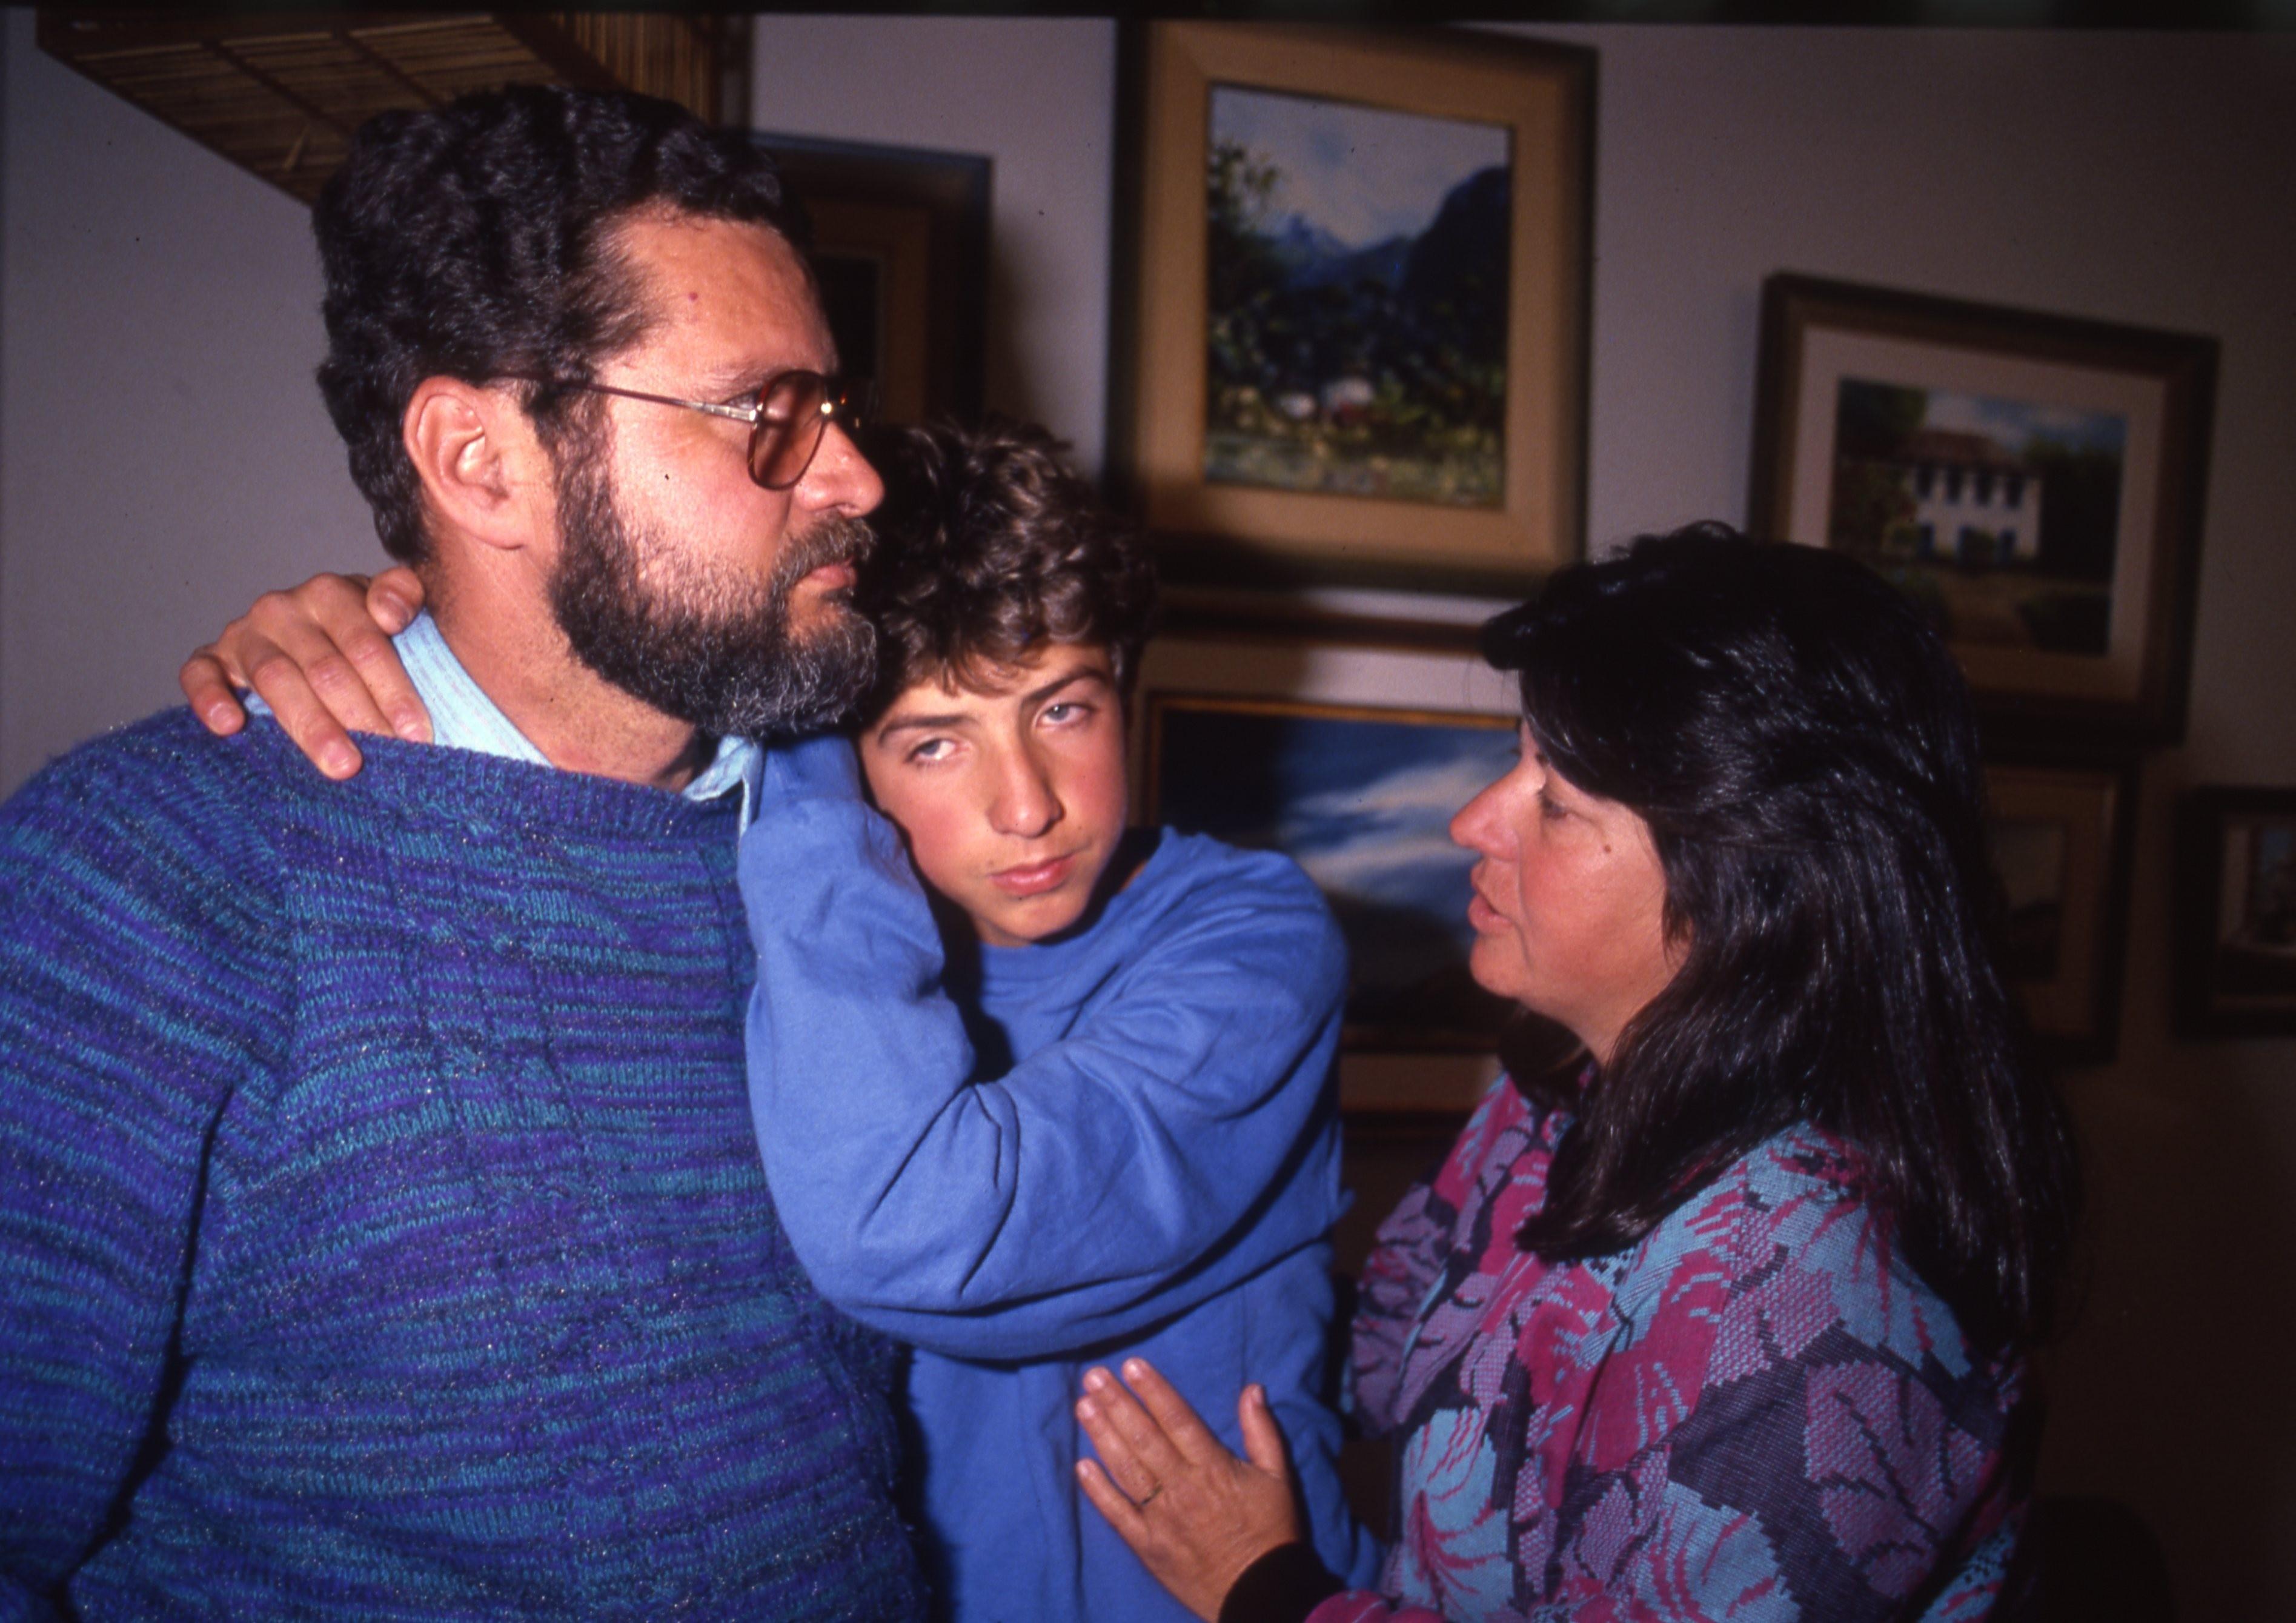 André Luís Santa Rita, com os pais Nelson e Lina, após ser liberado de sequestro